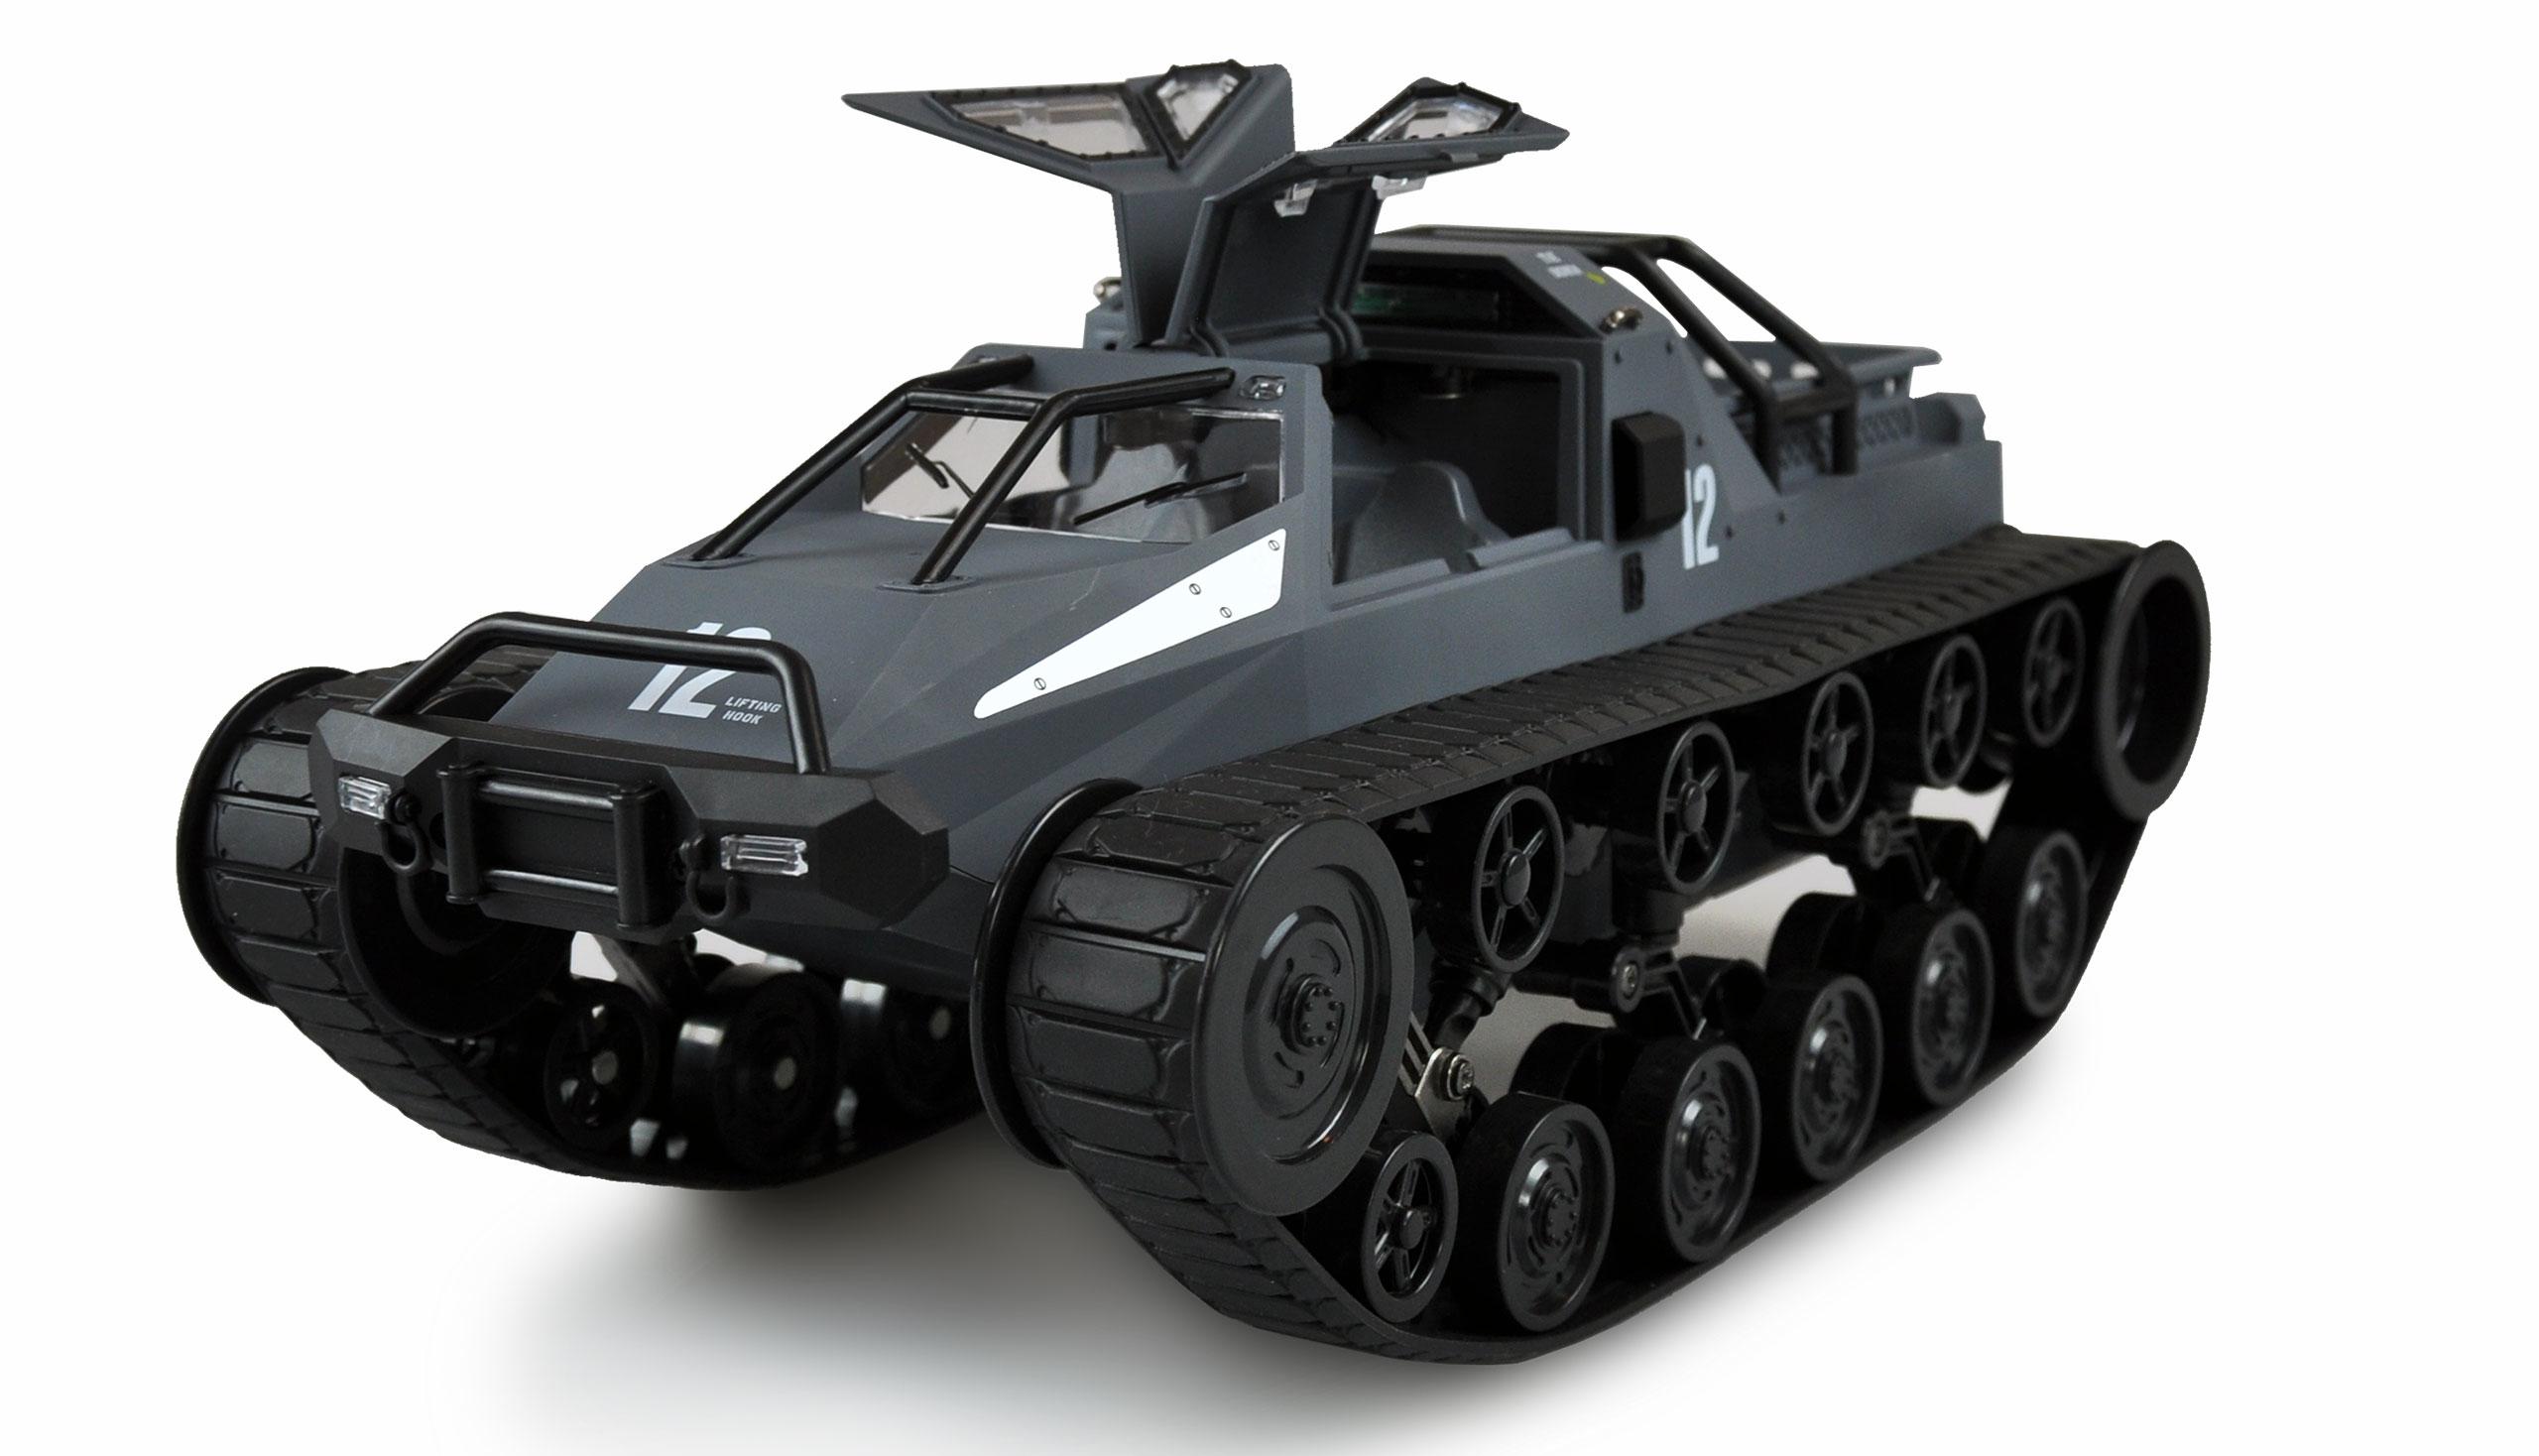 Amewi Military Police Kettenfahrzeug Grau - Elektromotor - 1:12 - Betriebsbereit (RTR) - Blau - Grau - Junge/Mädchen - 14 Jahr(e)